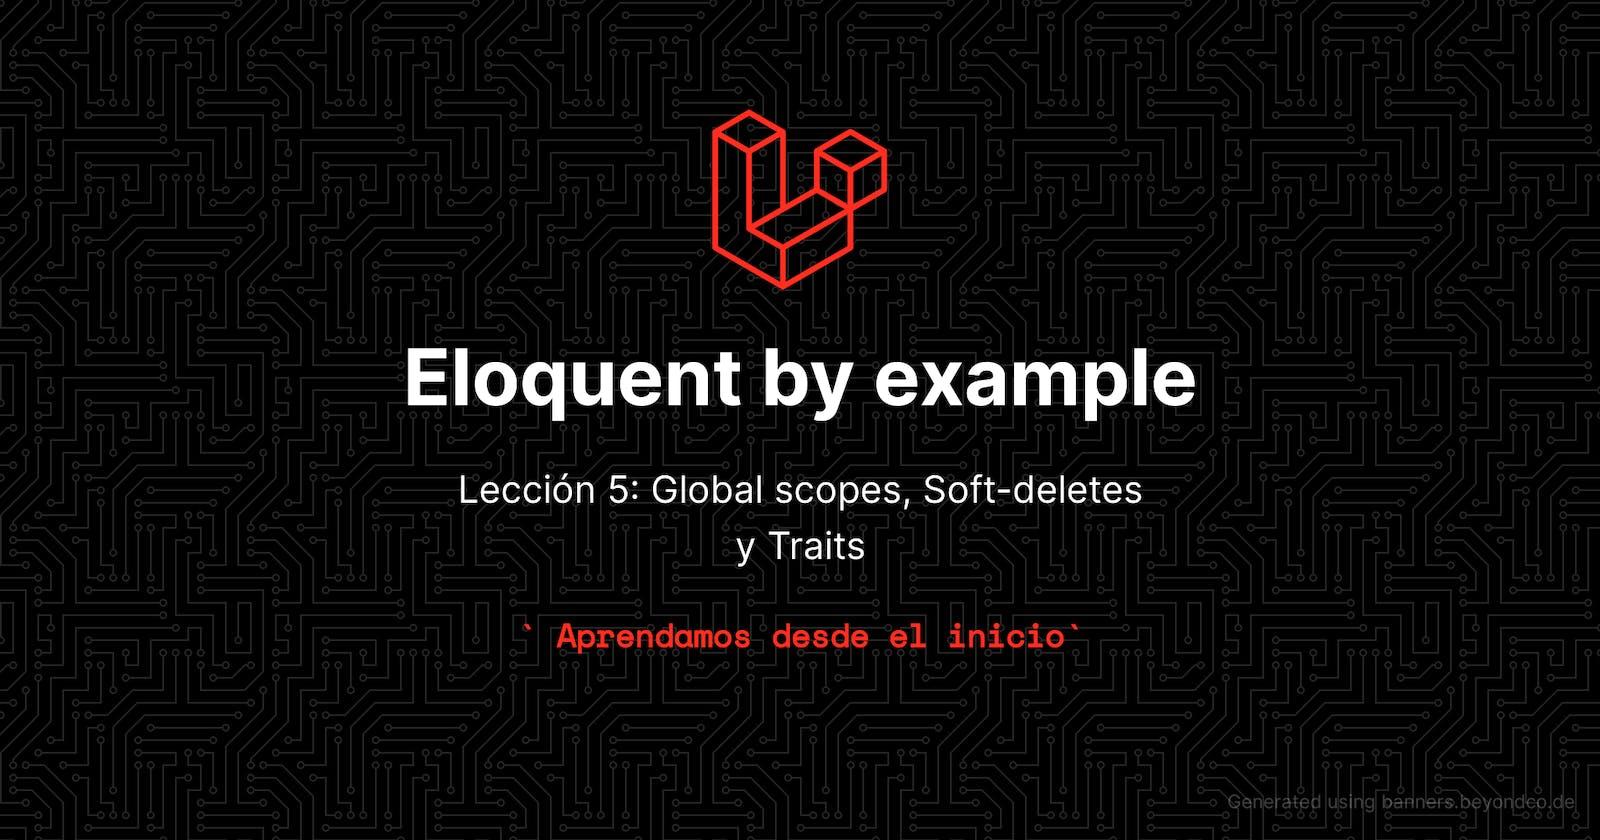 Aprende eloquent con ejemplos!!! Lección 5 - Global scopes, Soft-deletes y Traits